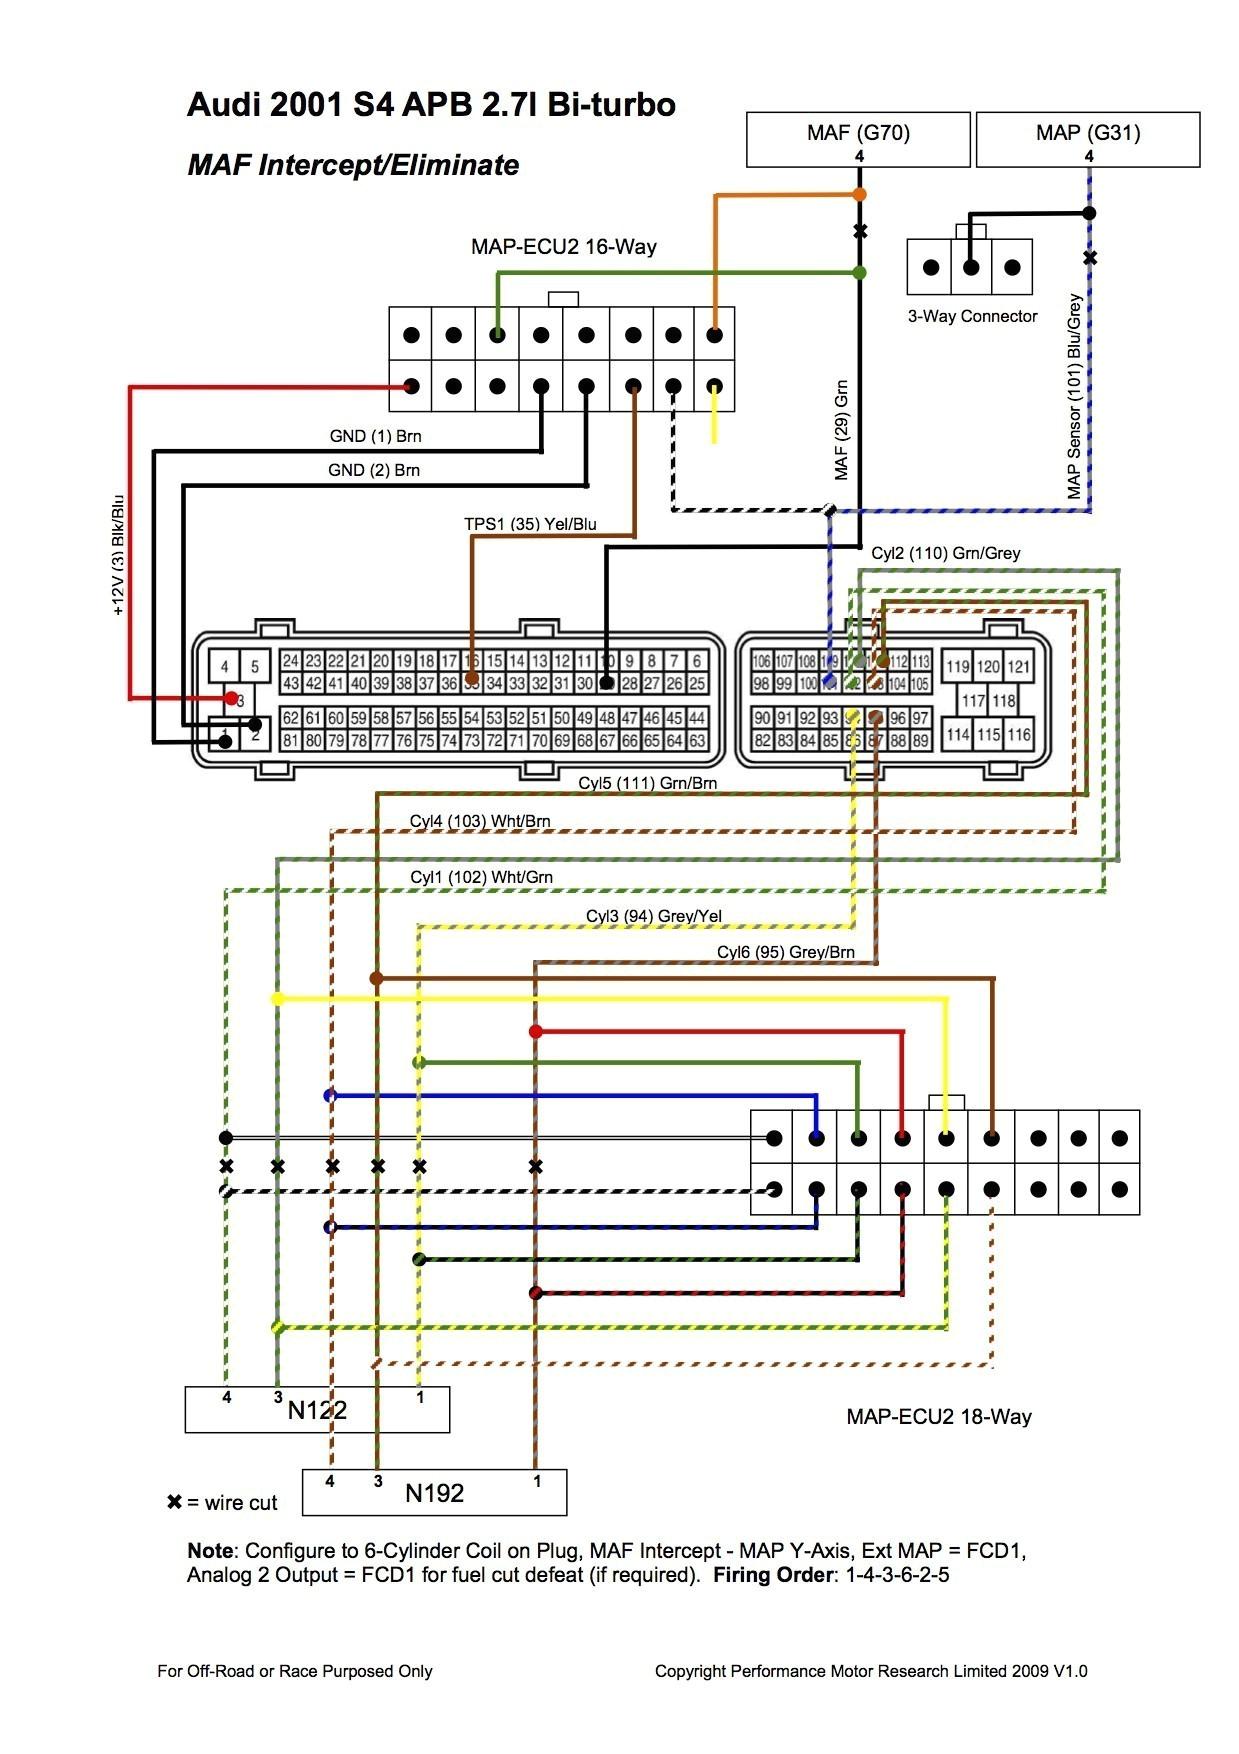 2008 dodge ram 1500 engine diagram wiring diagram centre 2008 dodge ram 1500 engine diagram